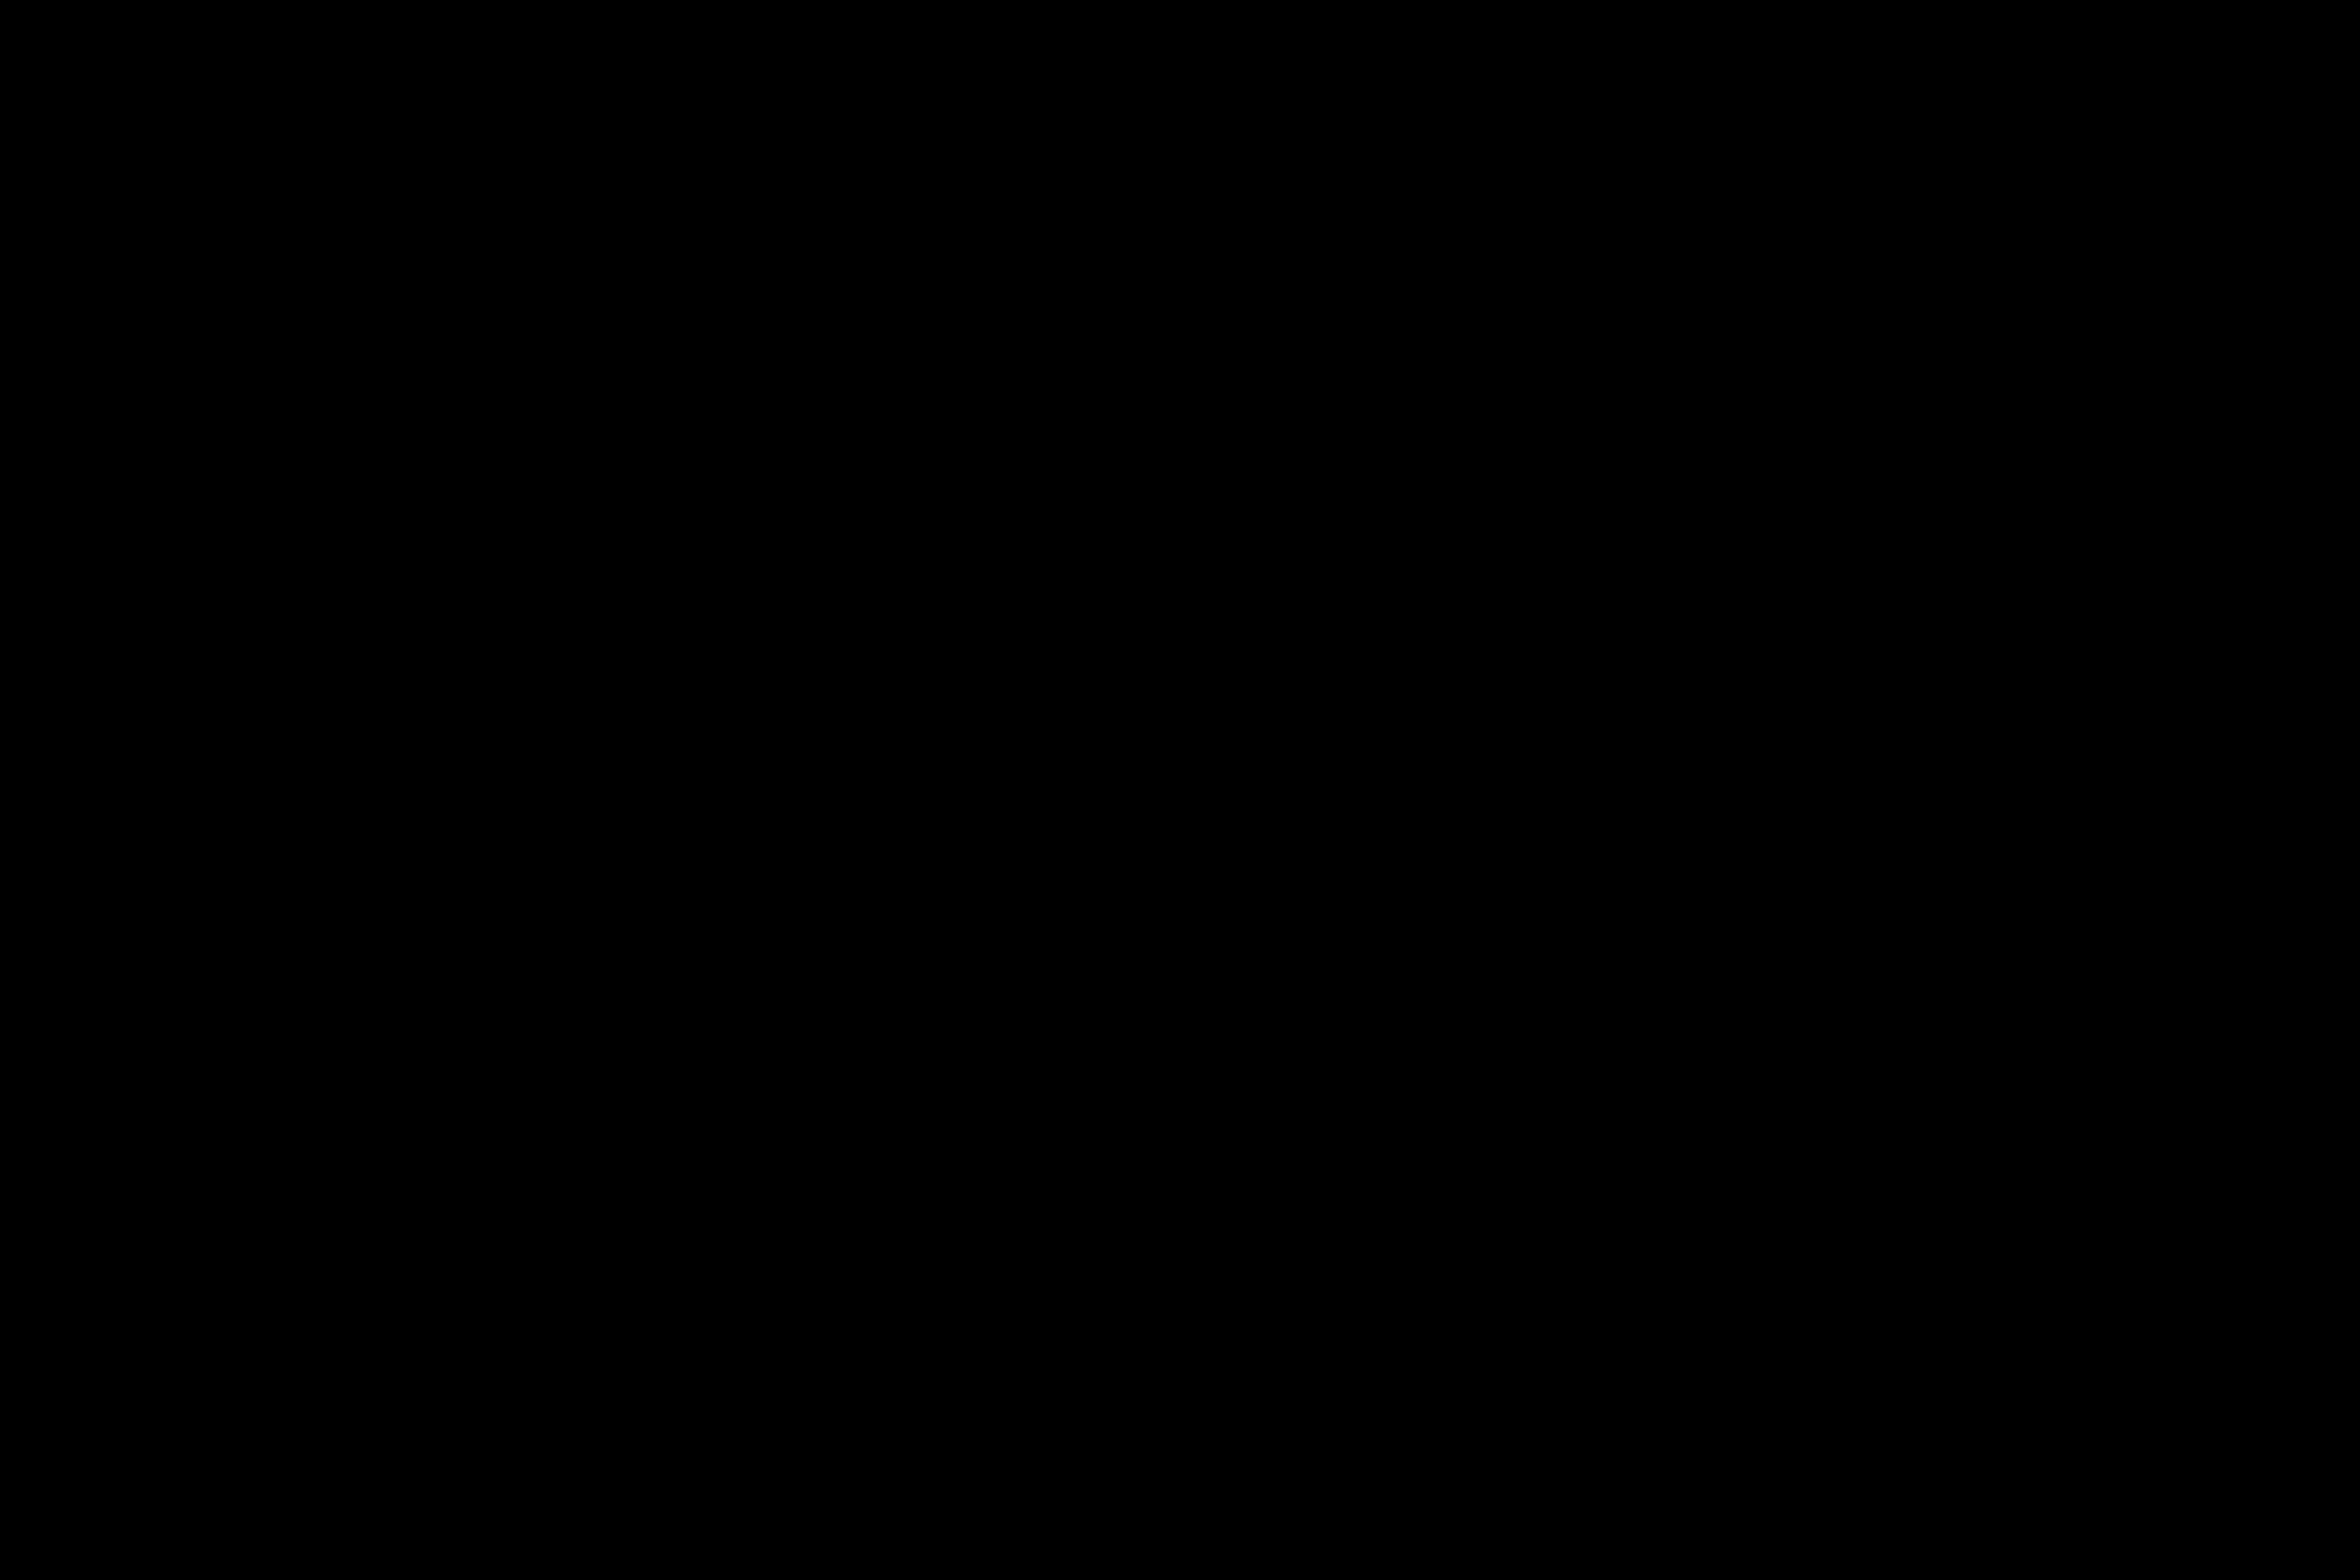 Берснев презентация книги